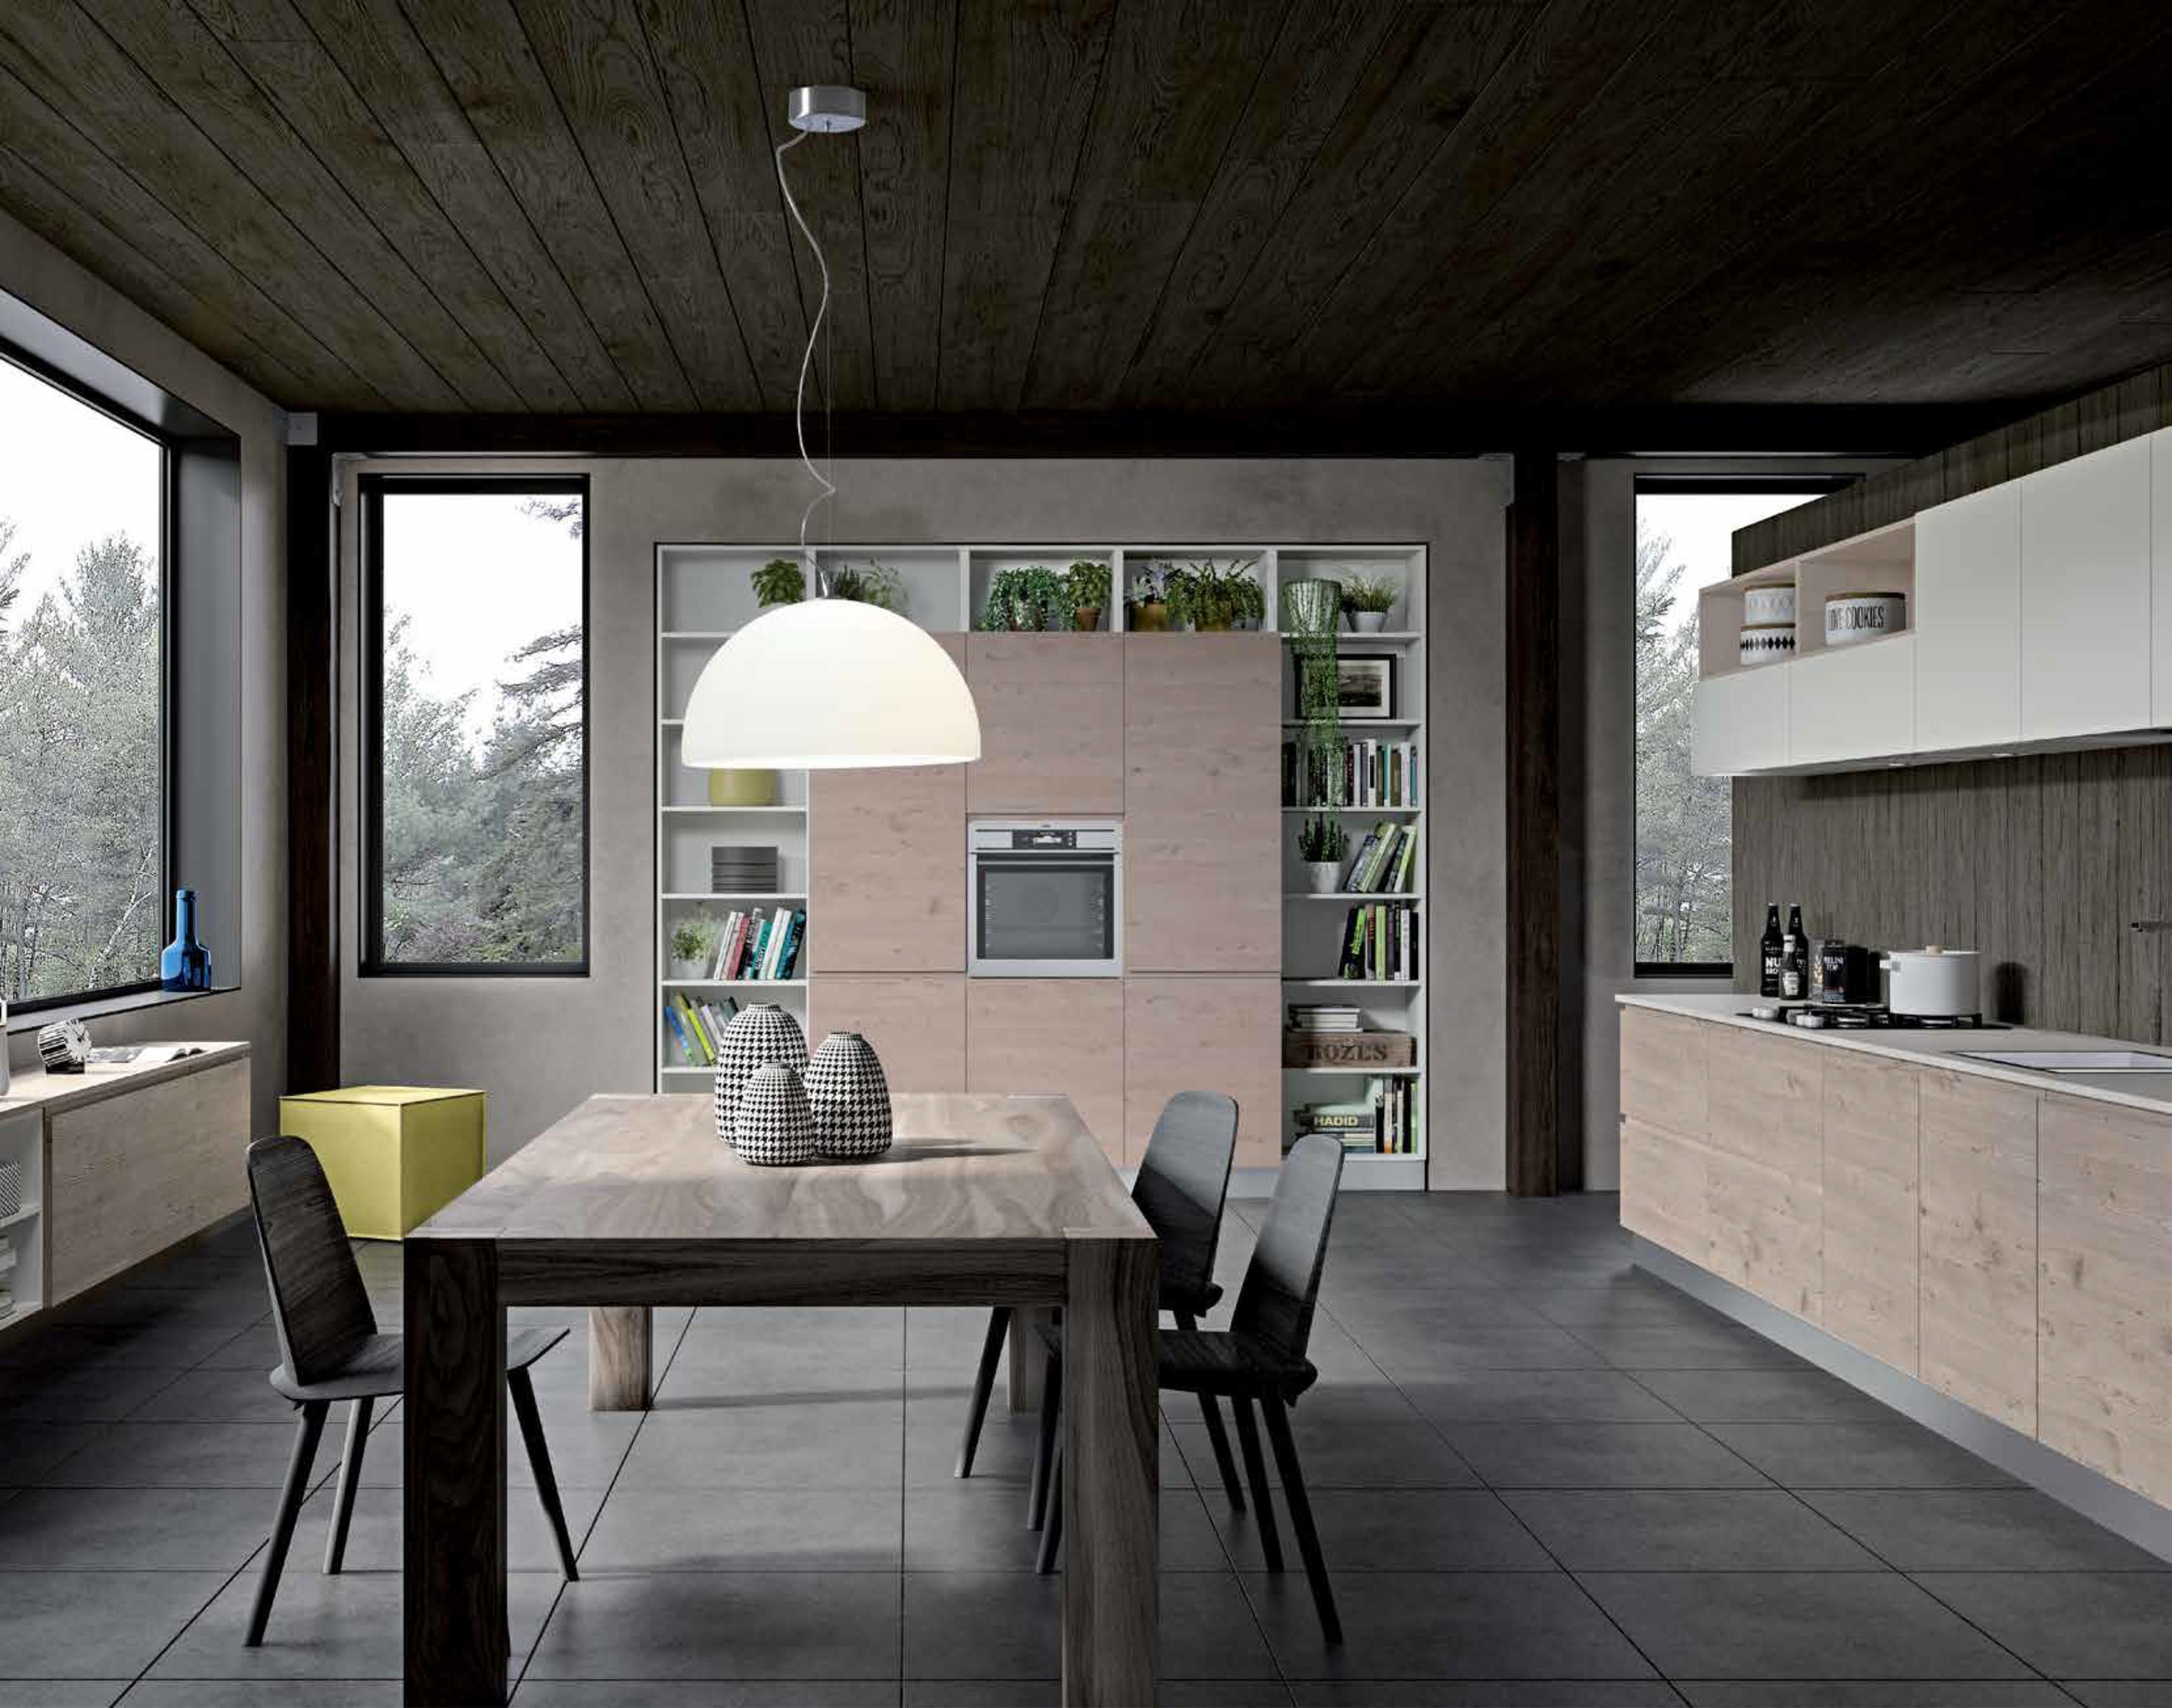 ABILUXLED ITALIA | Illuminazione per interni | Studio soluzione ambientazione per illuminazione interna